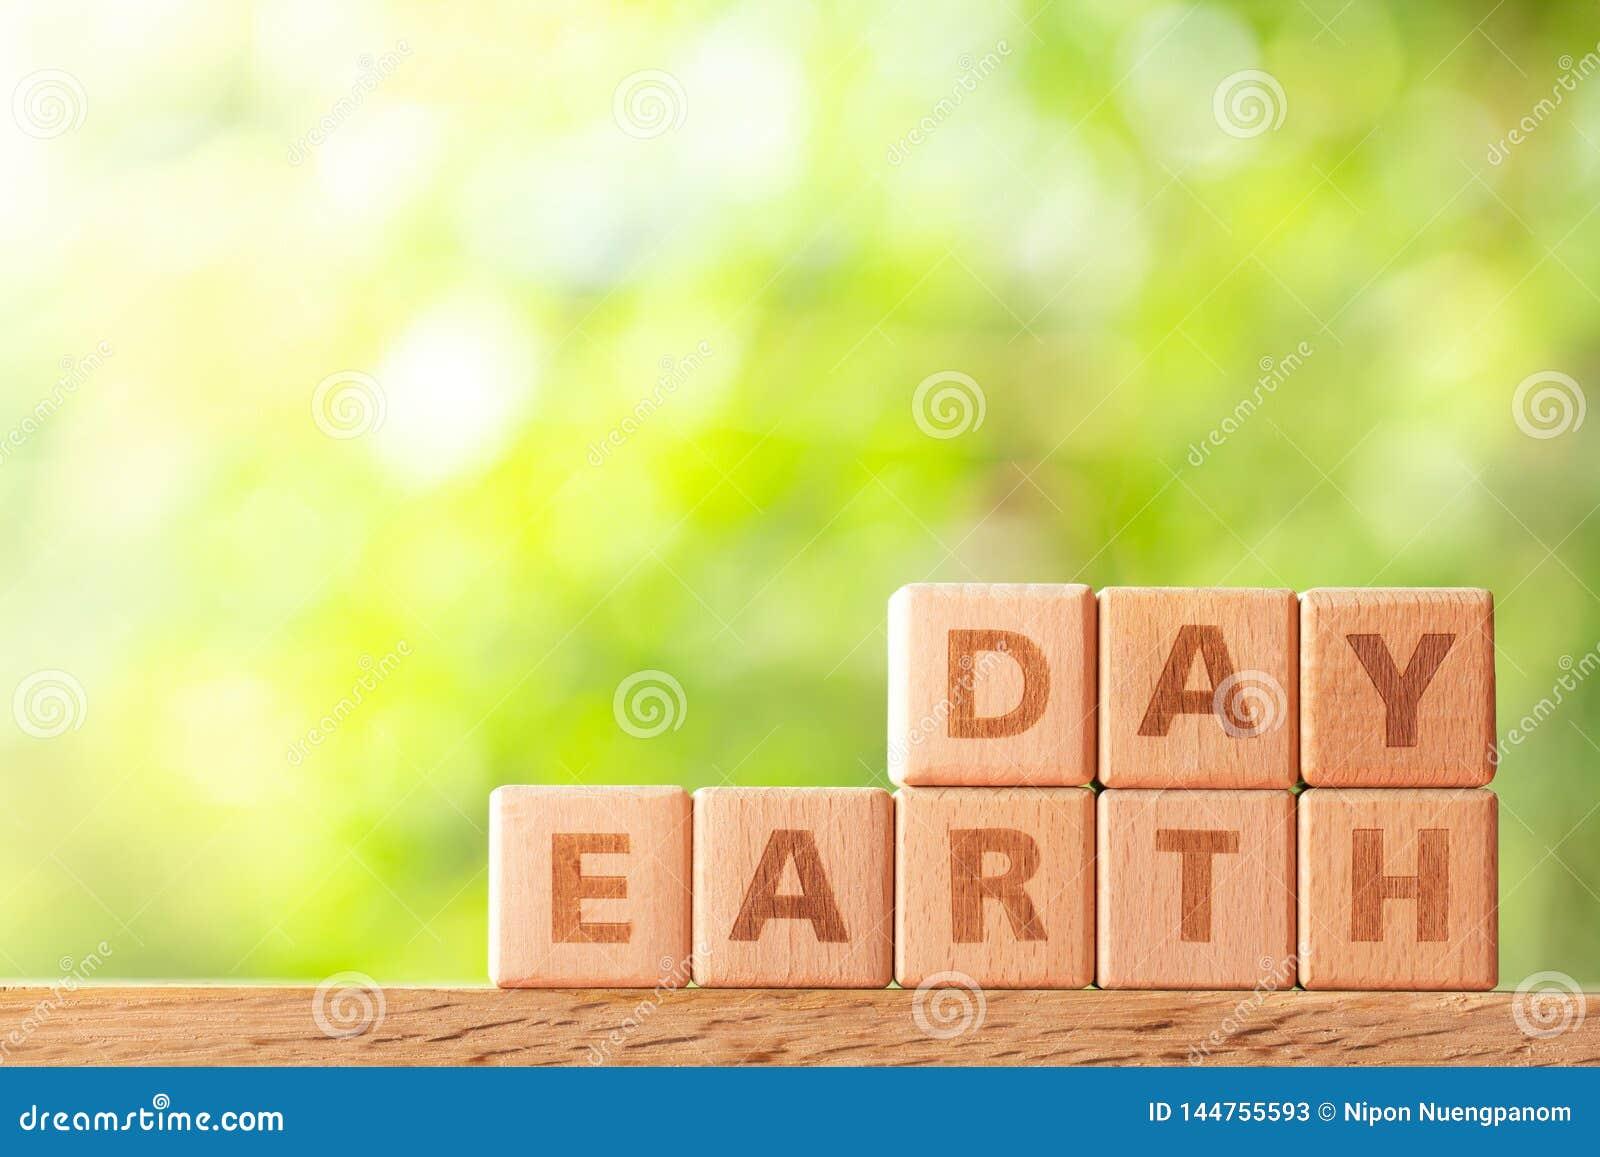 Día de la Tierra de la palabra escrito en bloque de madera en la tabla de madera